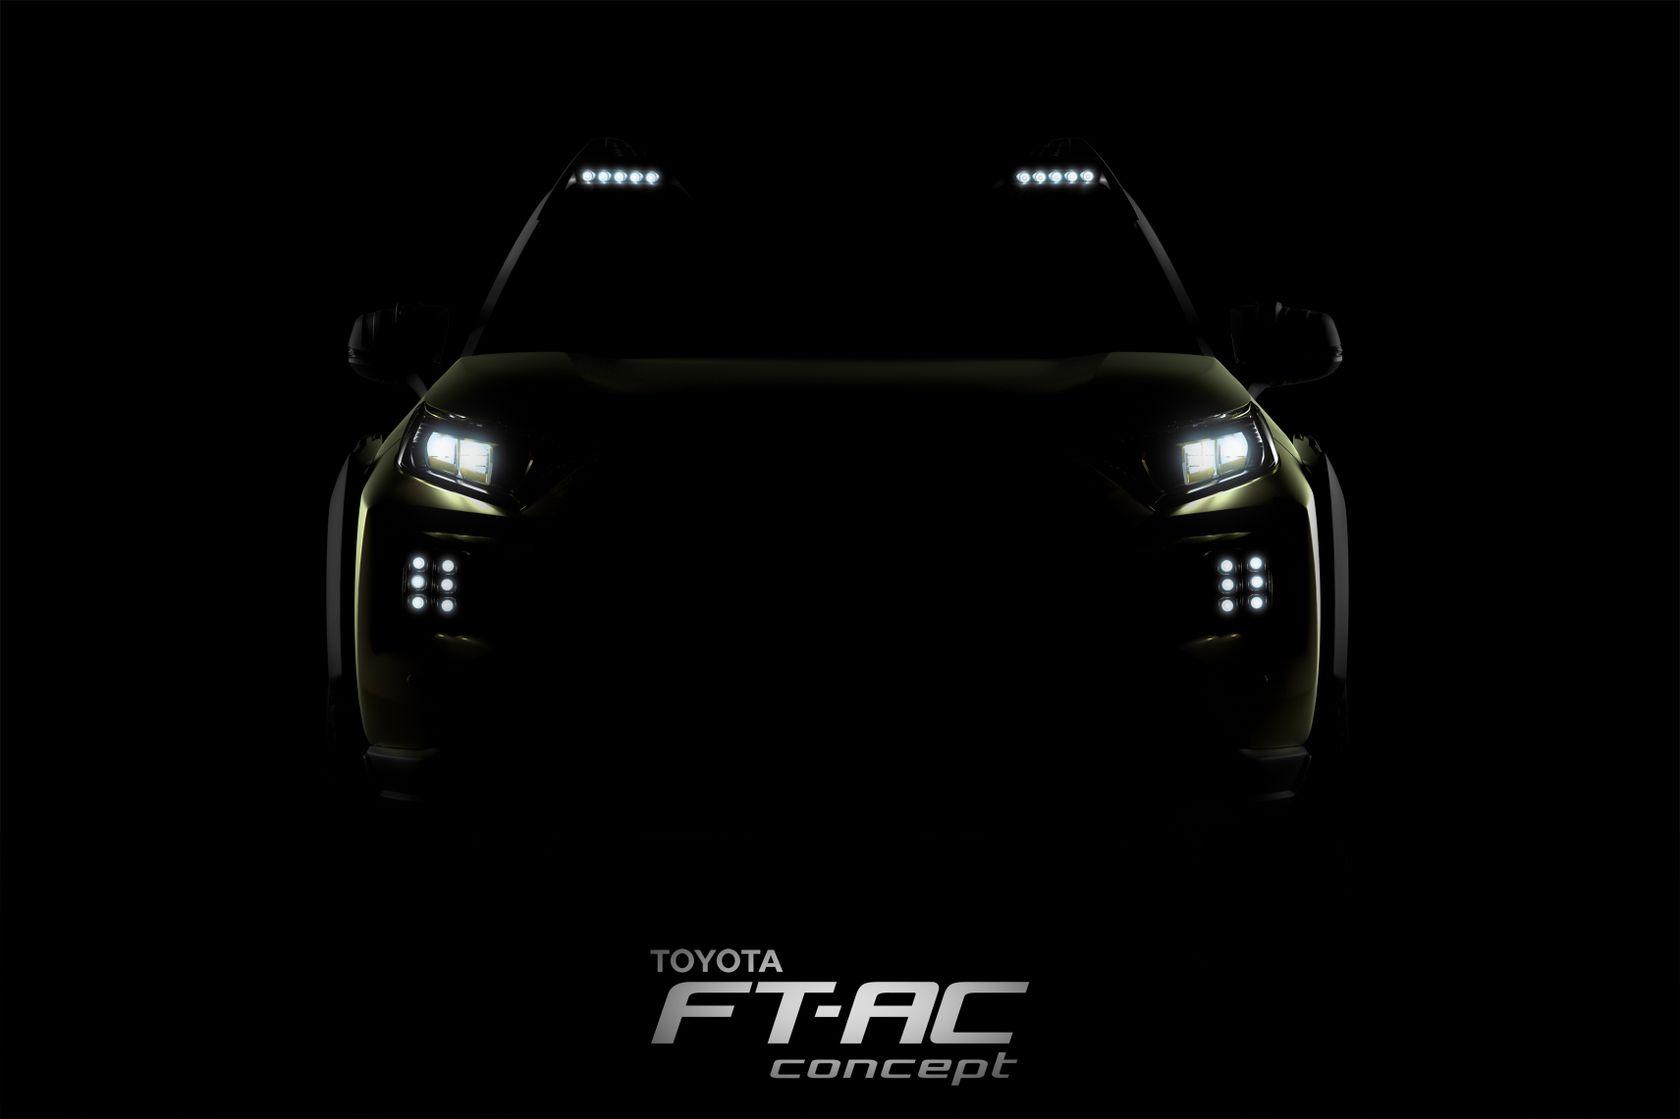 Toyota FTAC Concept Teaser